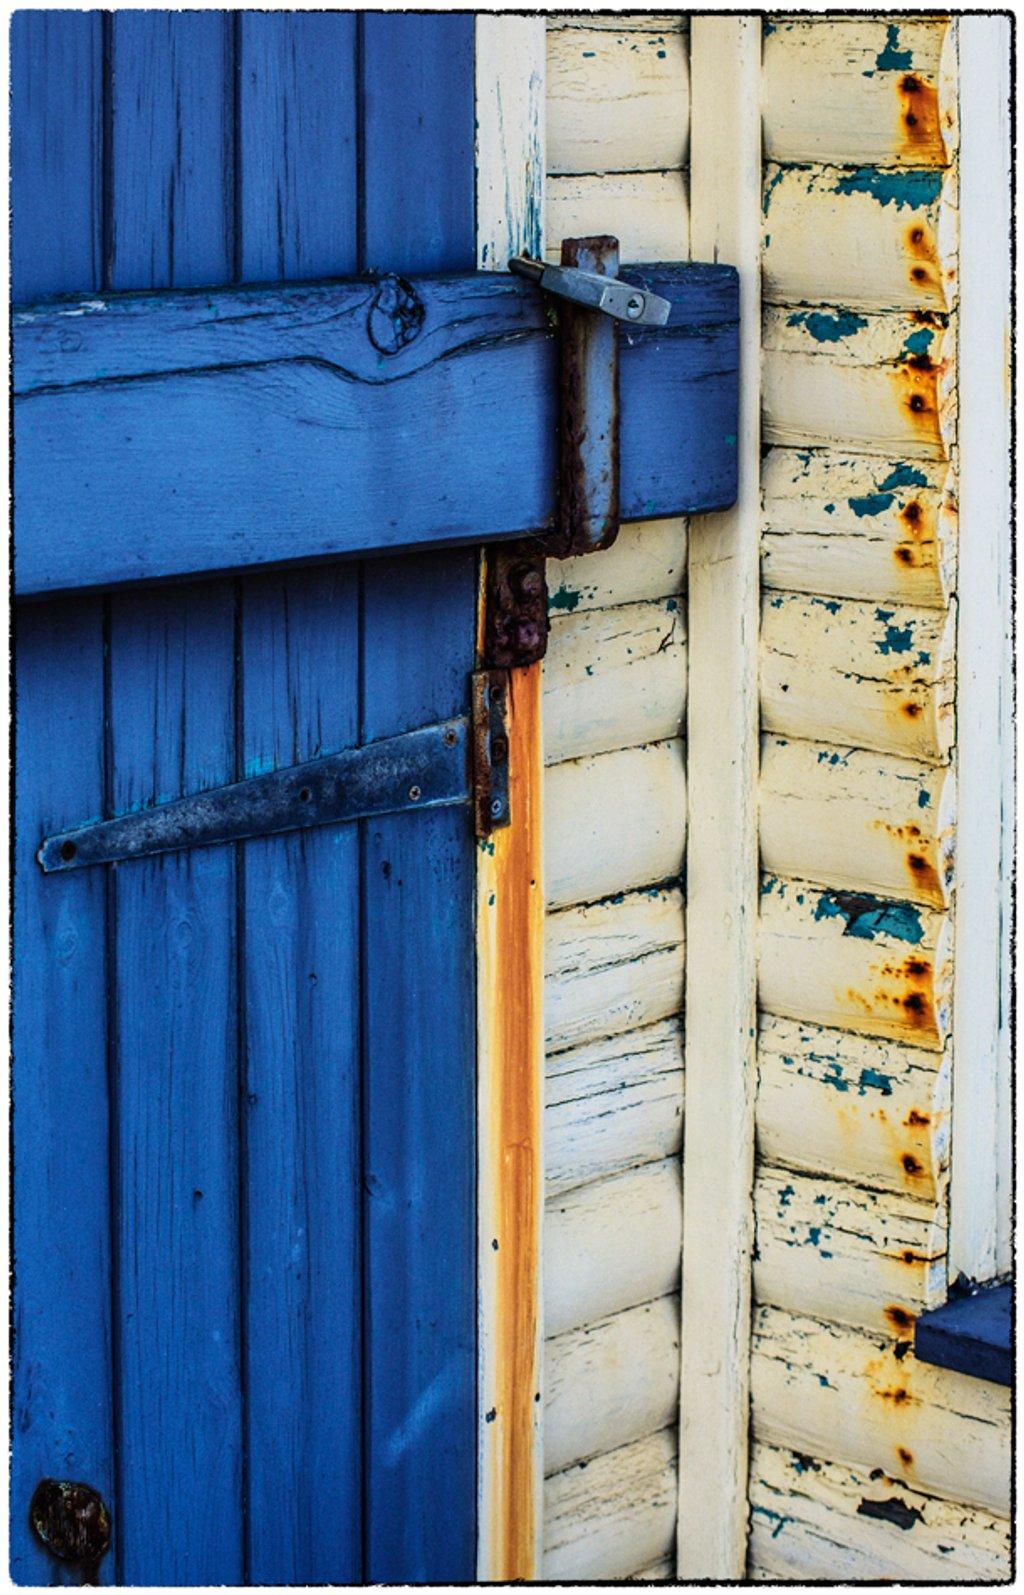 Blue door and rust streaks by ivan